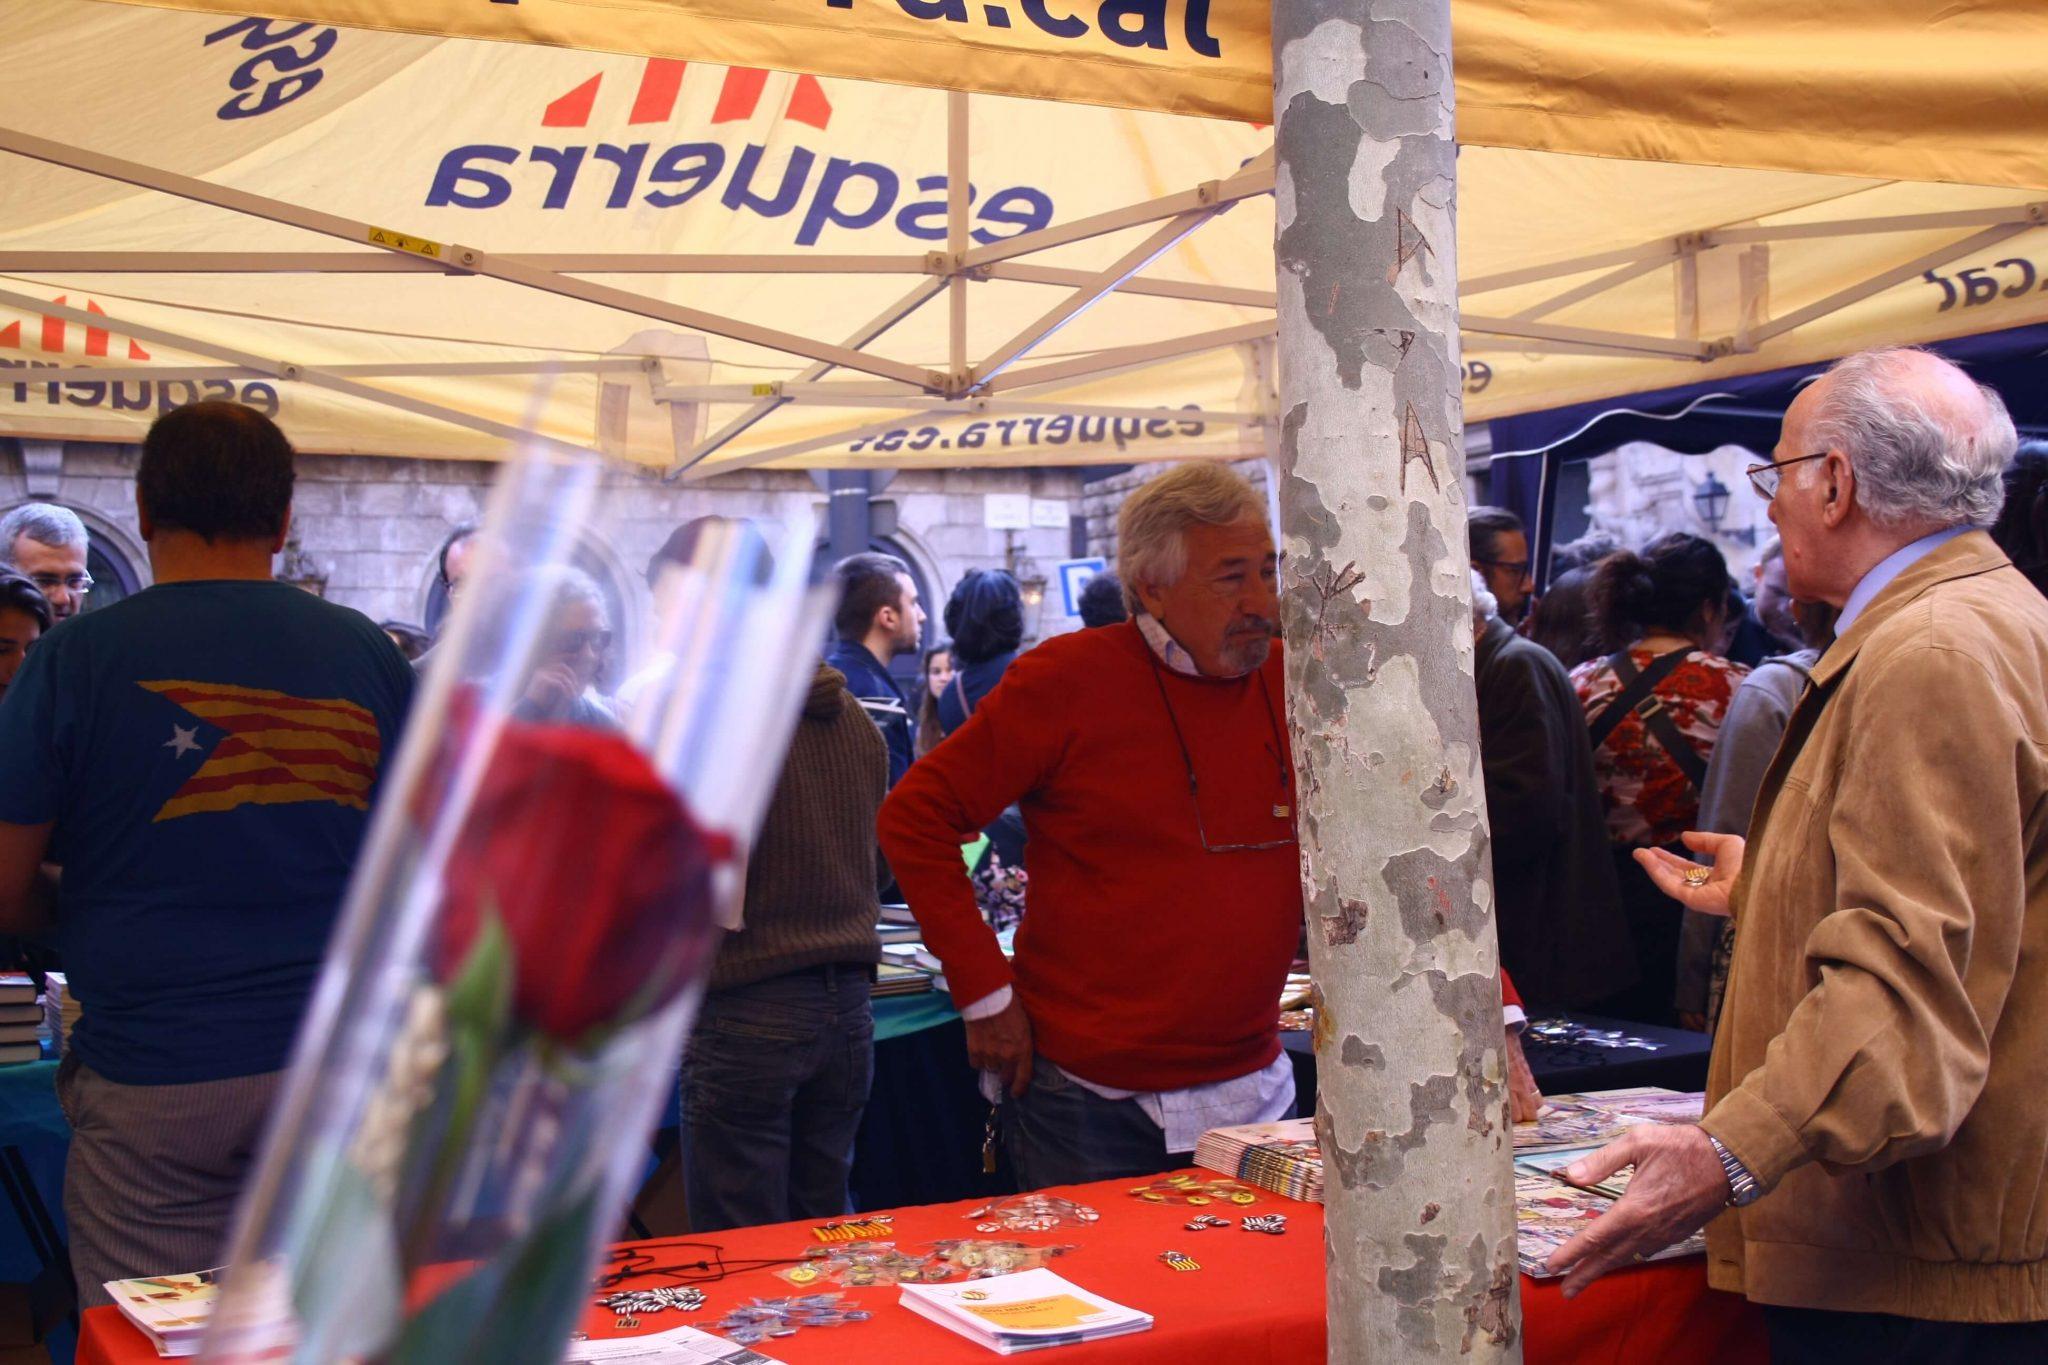 Rosas Insólitas Y Curiosidades En El Día De Sant Jordi